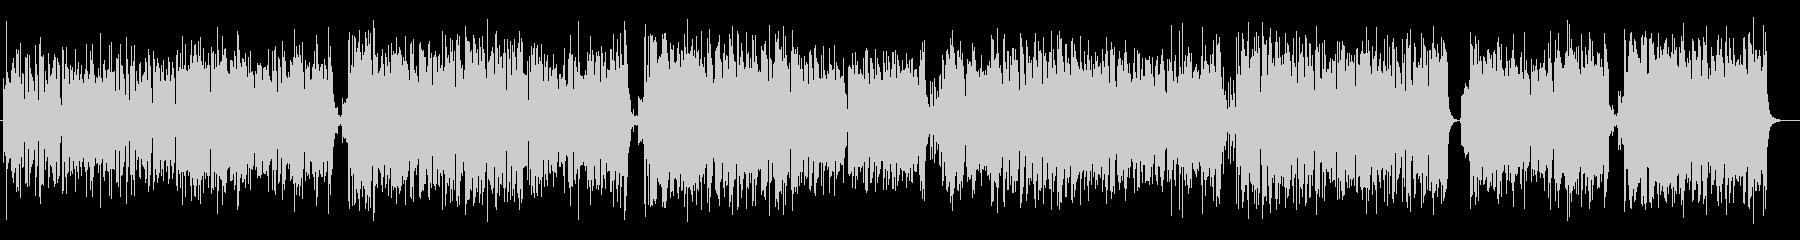 ハービー風ファンクジャズフュージョンの未再生の波形